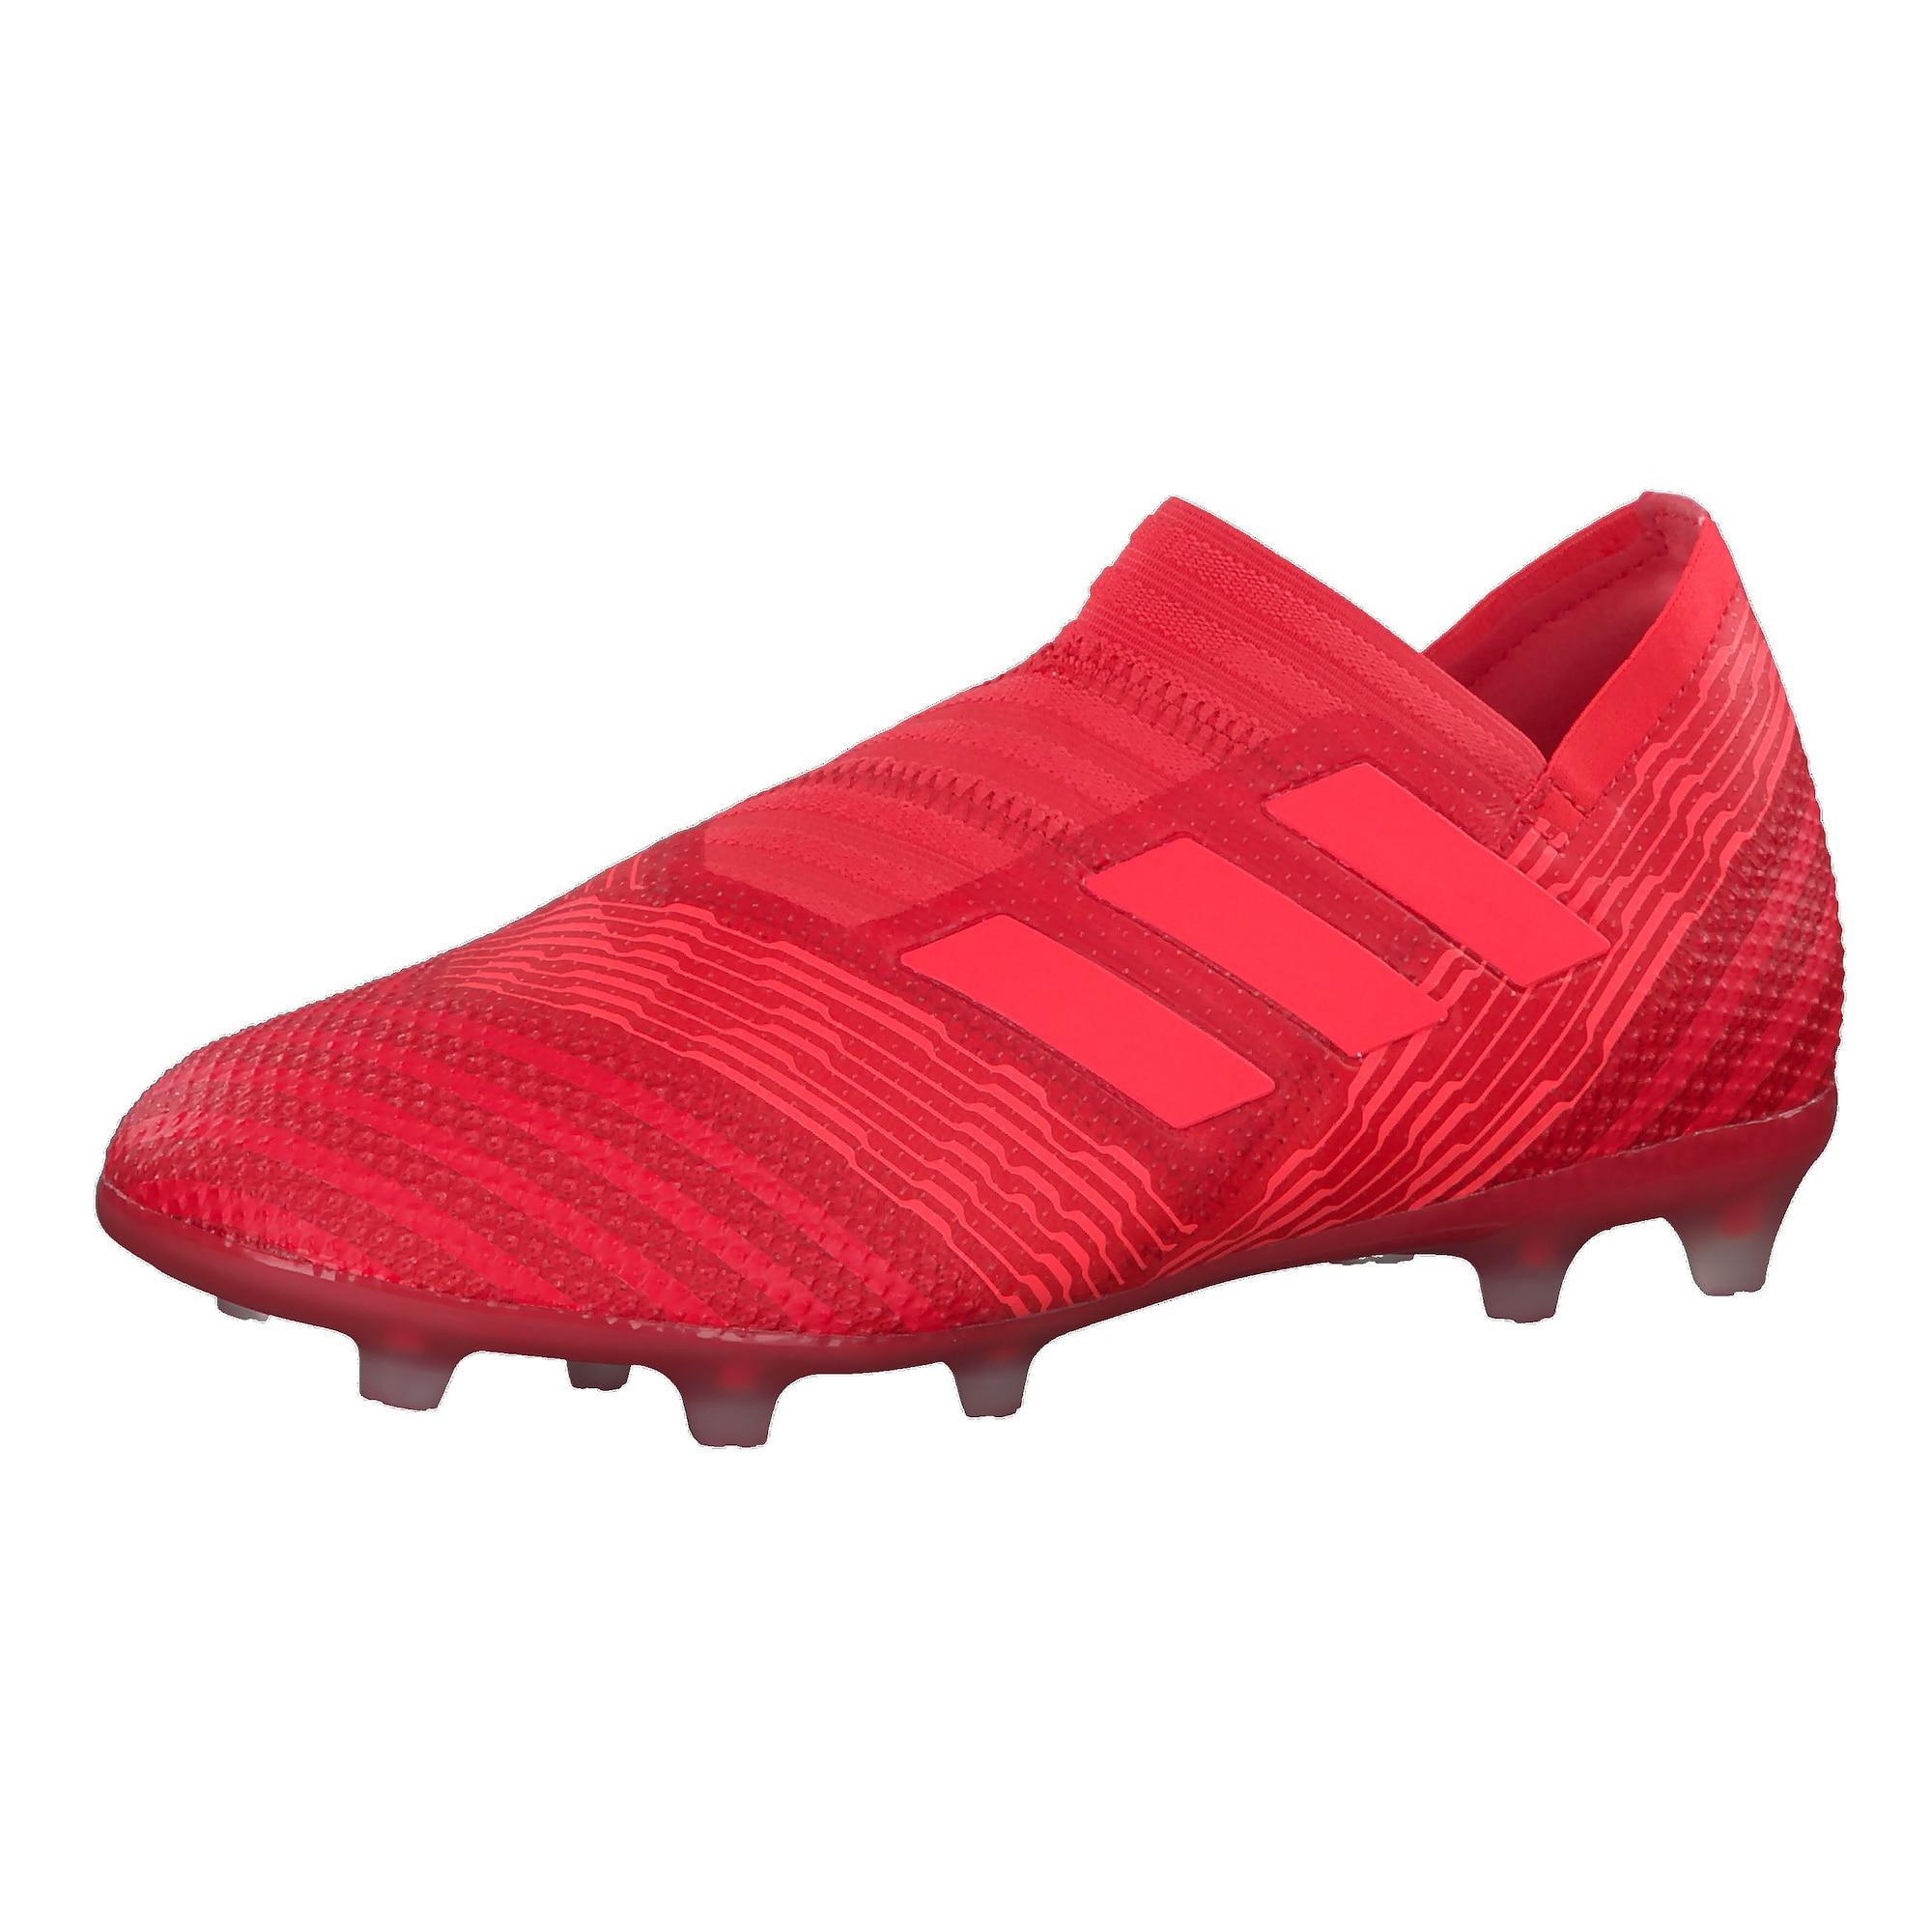 Fußballschuhe ´NEMEZIZ 18+ FG J´ aus innovative...